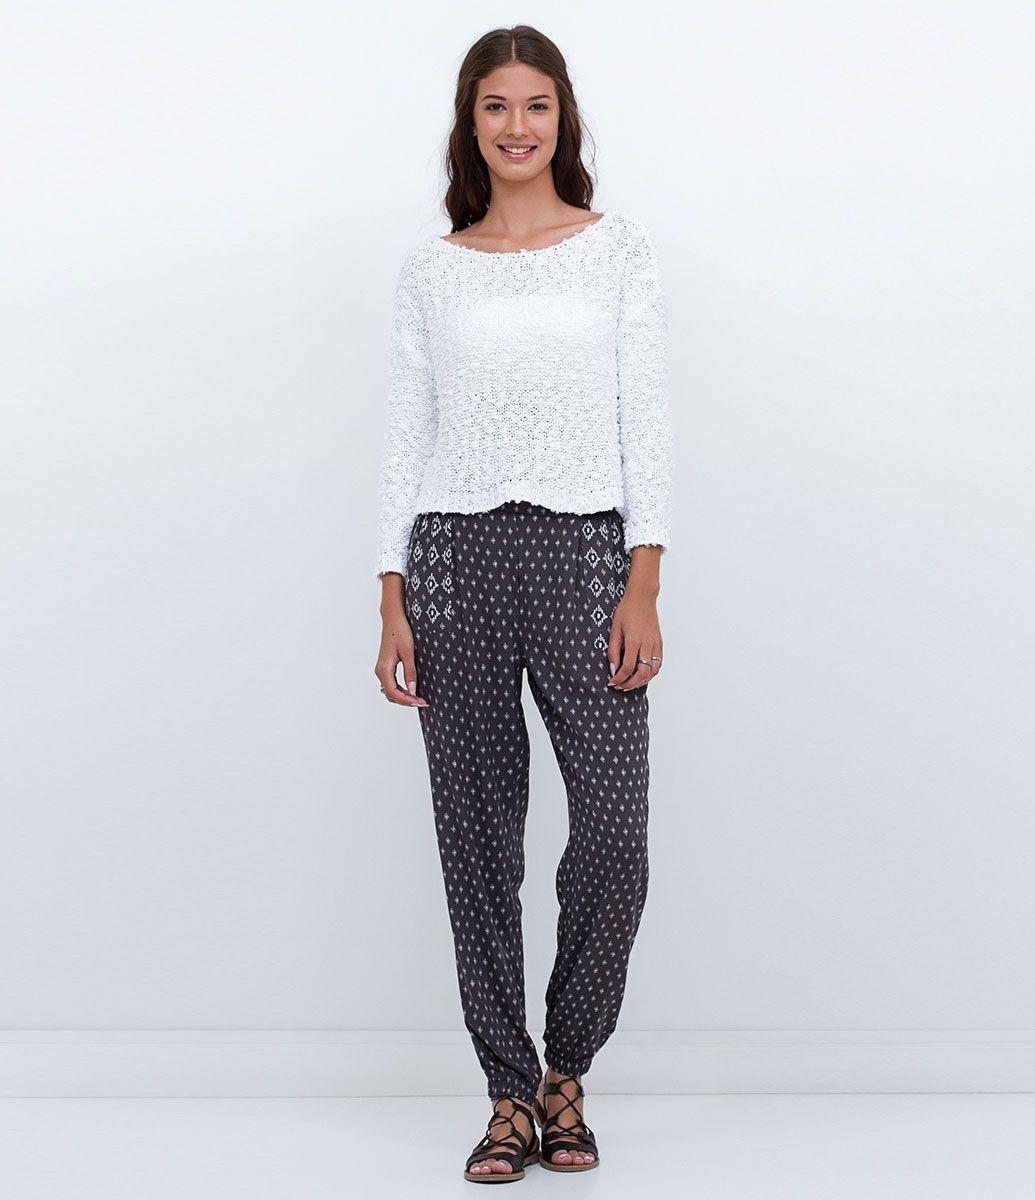 Calça feminina Modelo pijama Estampada Marca  Blue Steel Tecido  viscose  Composição  100% viscose Modelo veste tamanho  P COLEÇÃO INVERNO 2016 Veja  outras ... 87cae4973cf